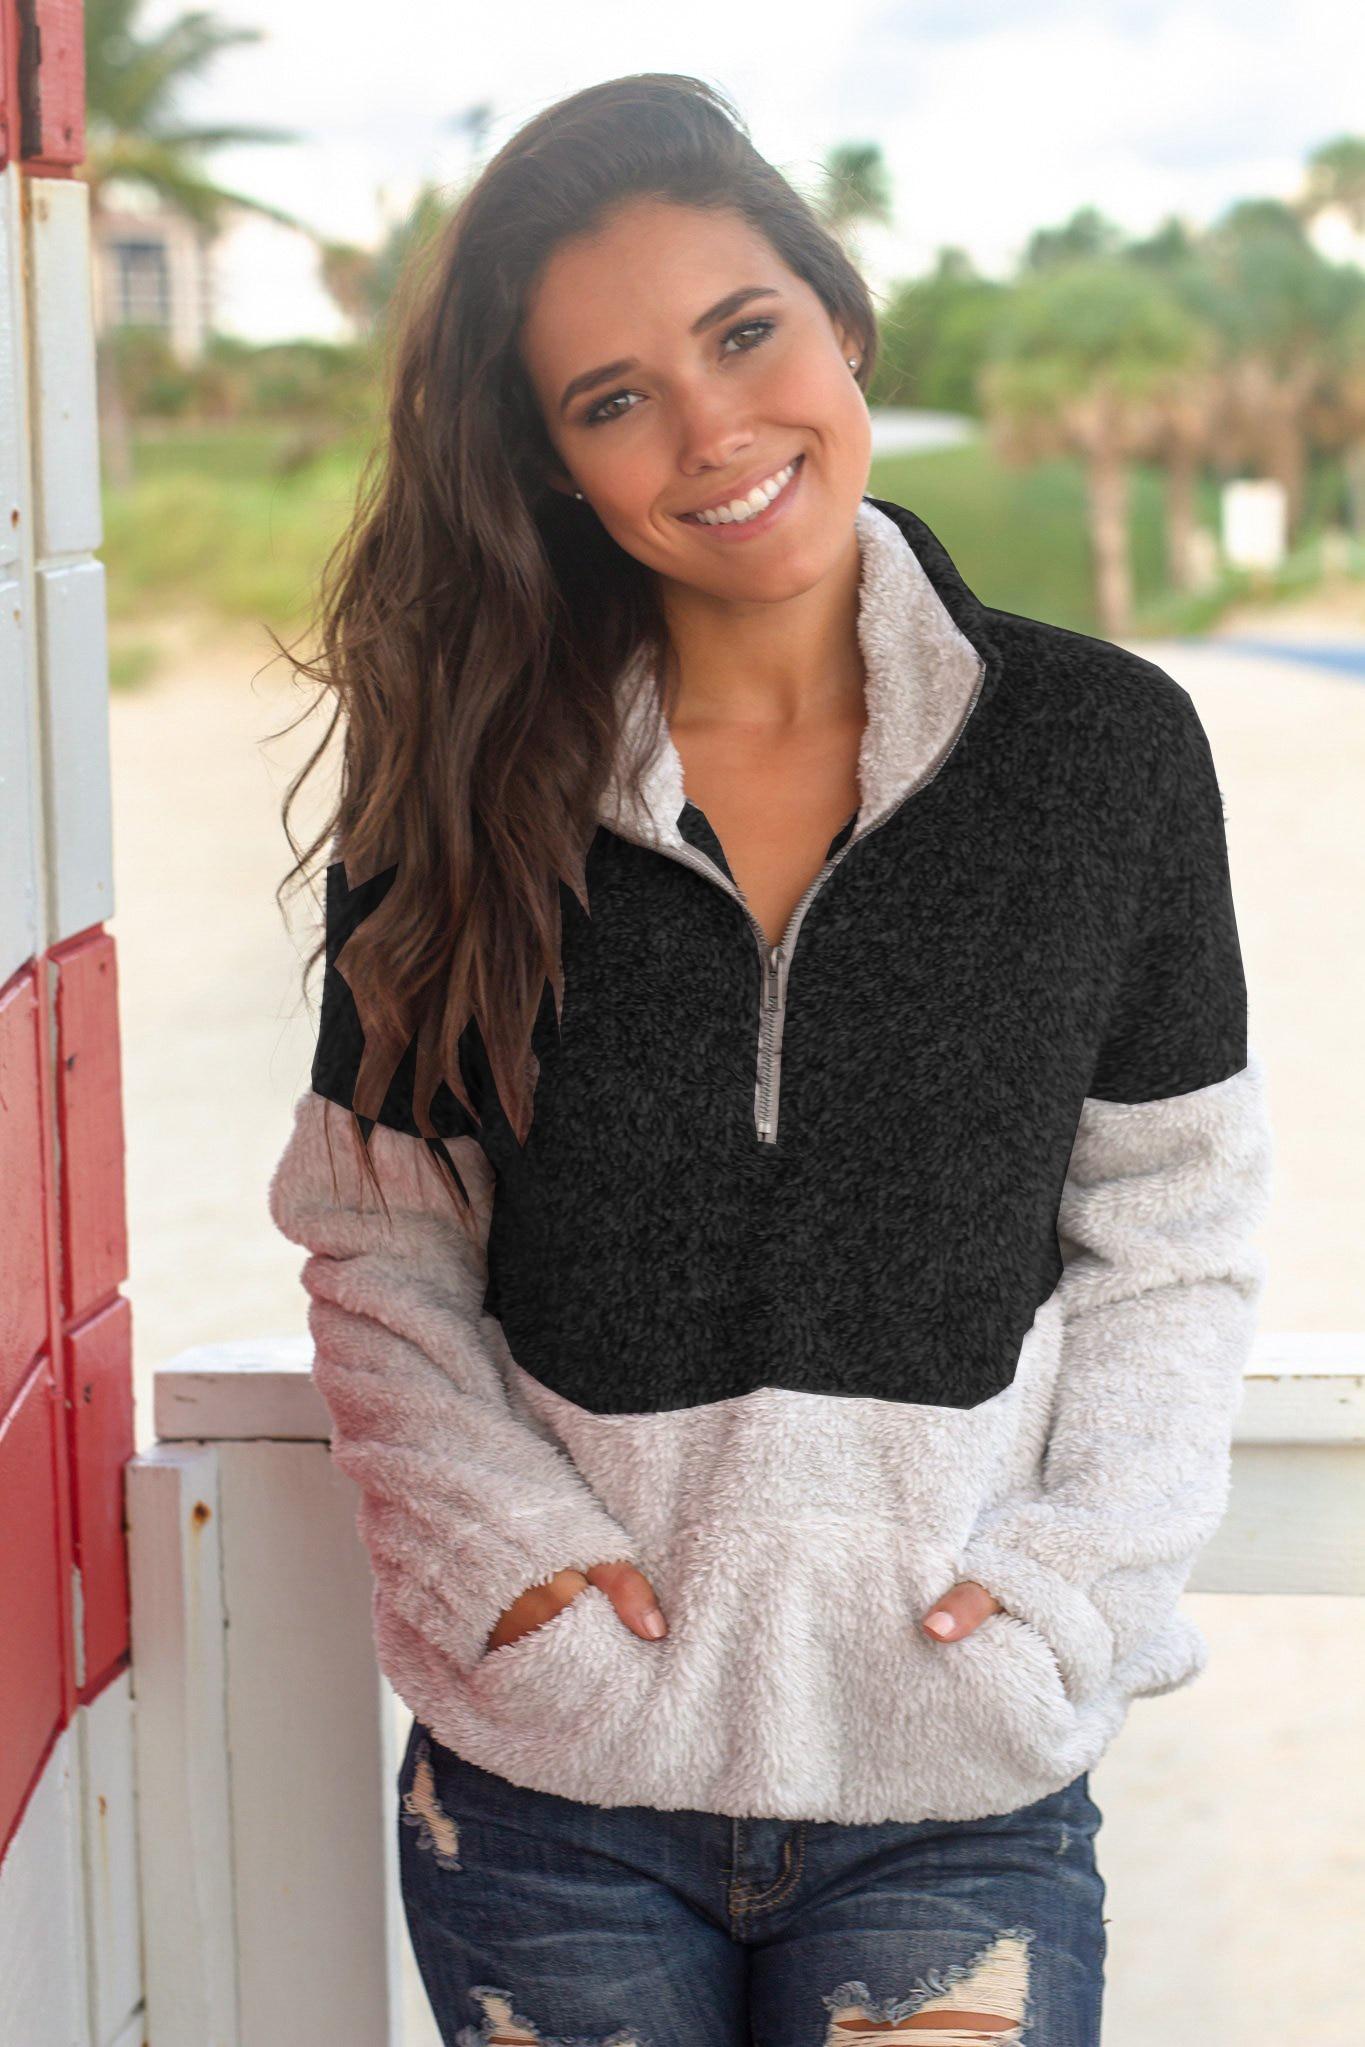 Sweatshirt Women Hoodies Harajuku Contrast Color Long Sleeve Turtleneck Zipper Hoodies Warm Casual Winter Fleece Pullover